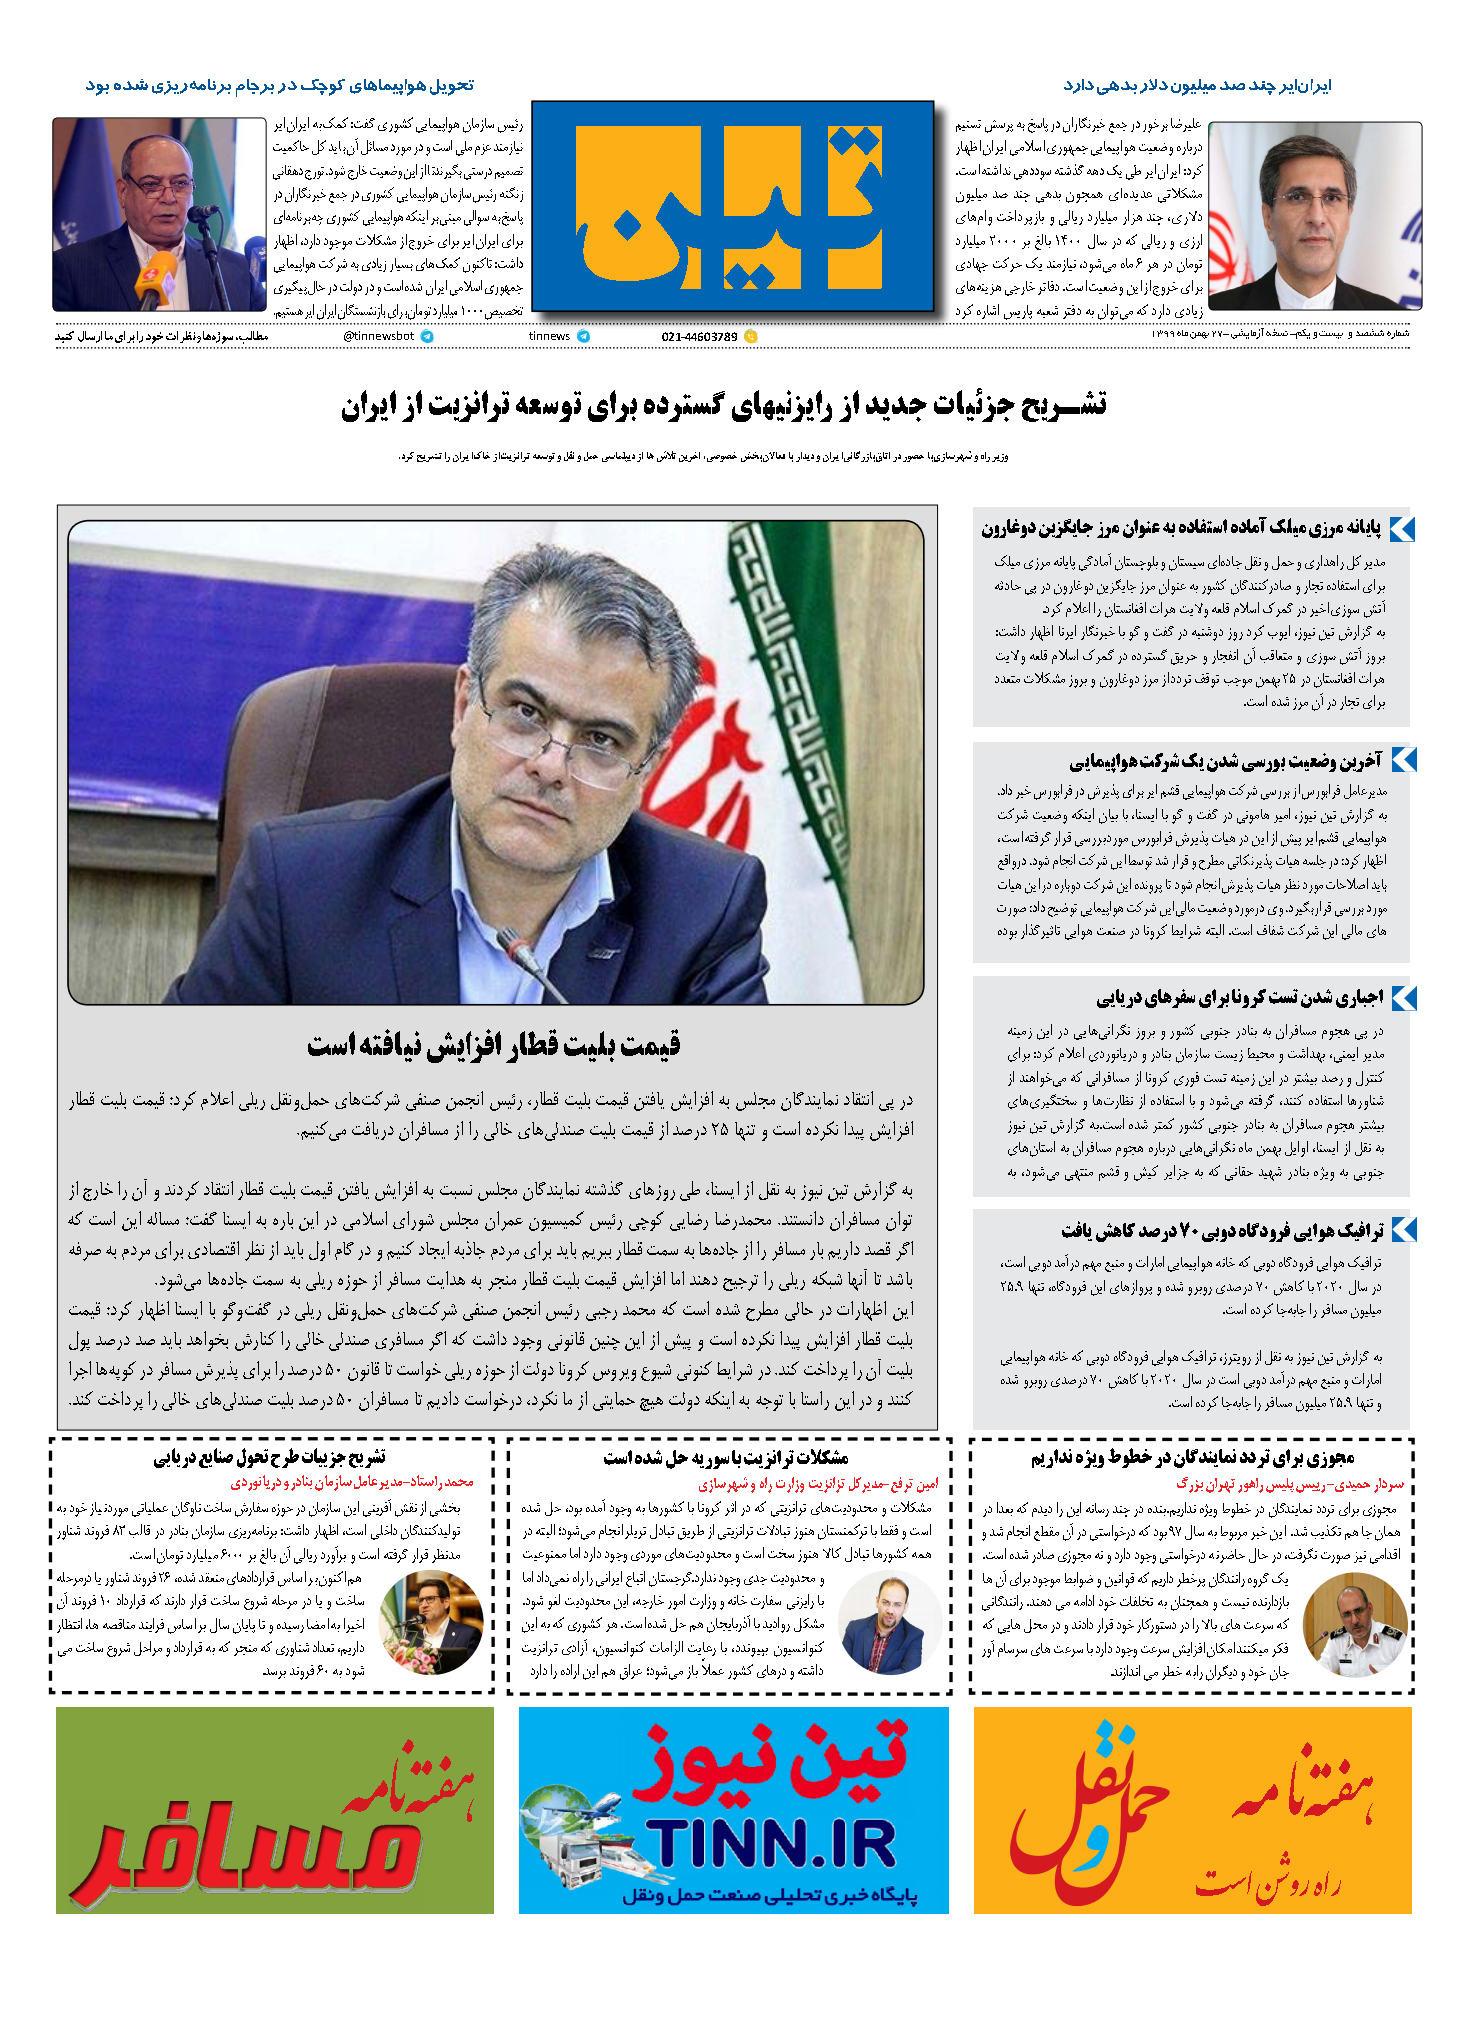 روزنامه الکترونیک 27 بهمن ماه 99